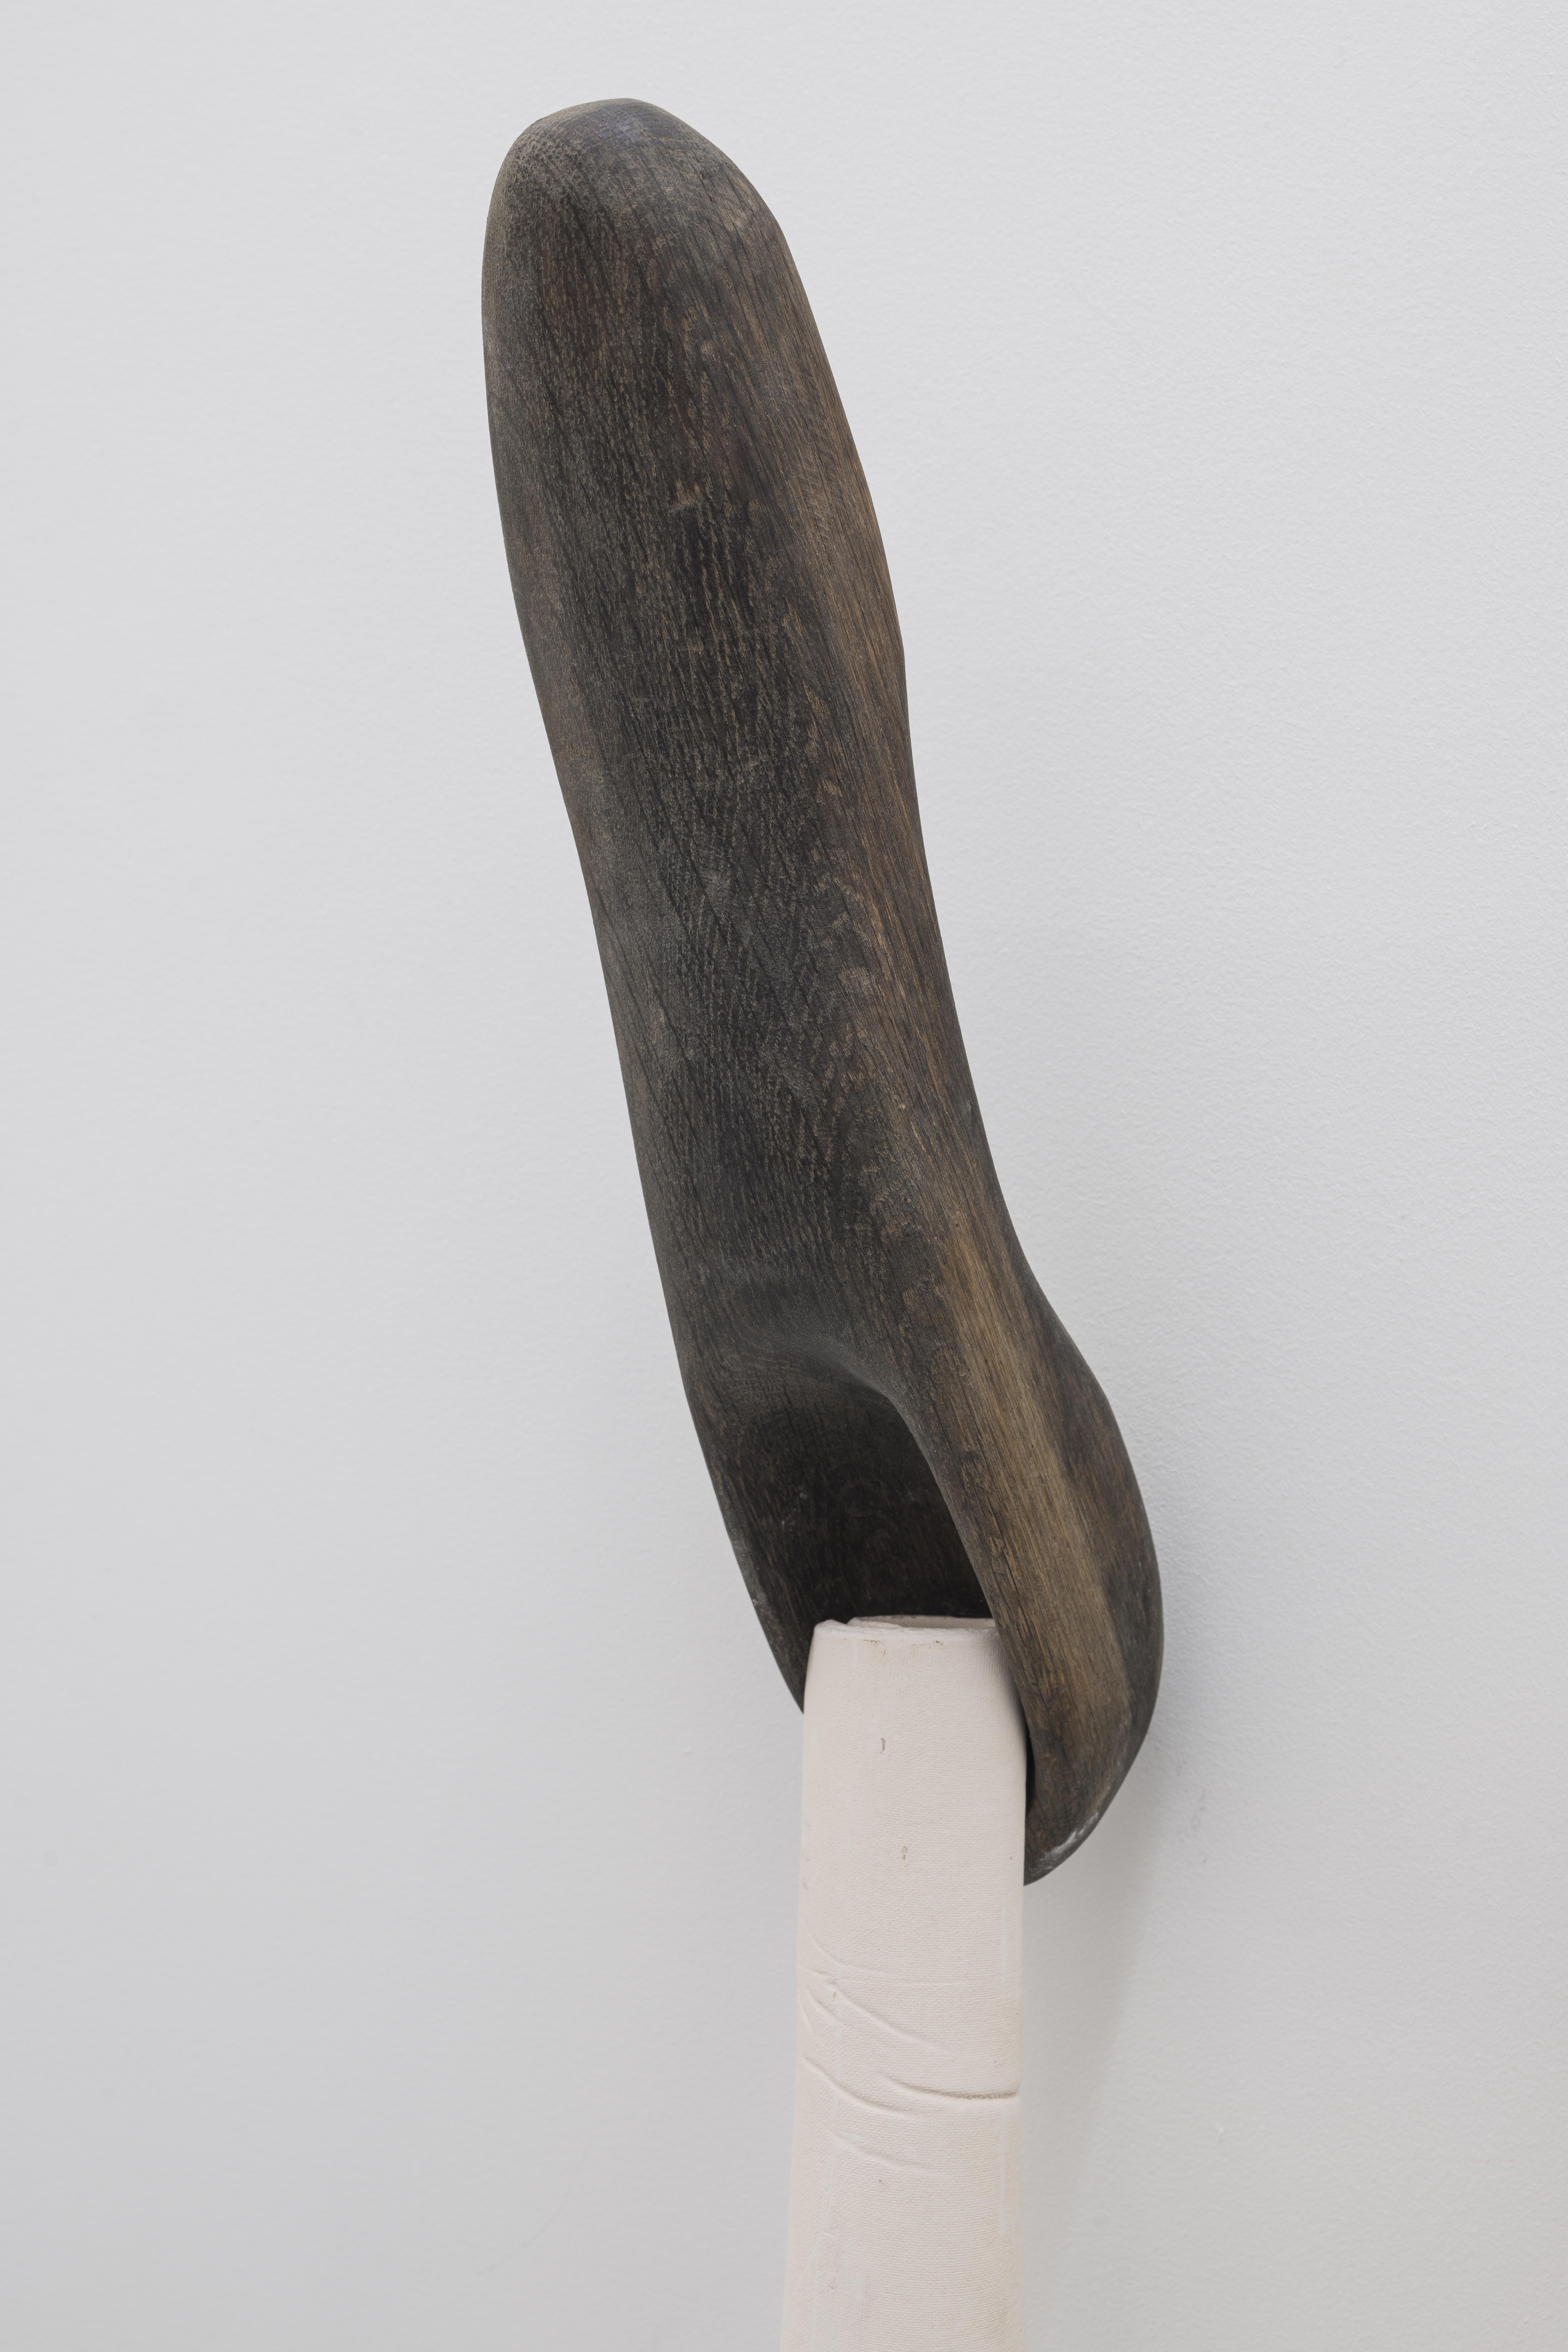 Sculpture du soir (with One of Hundred, Palermo), 2019. Céramique, bois, papier. 140 x 50 x 35 cm Courtesy Galerie Jocelyn Wolff. Photo Françoise Doury